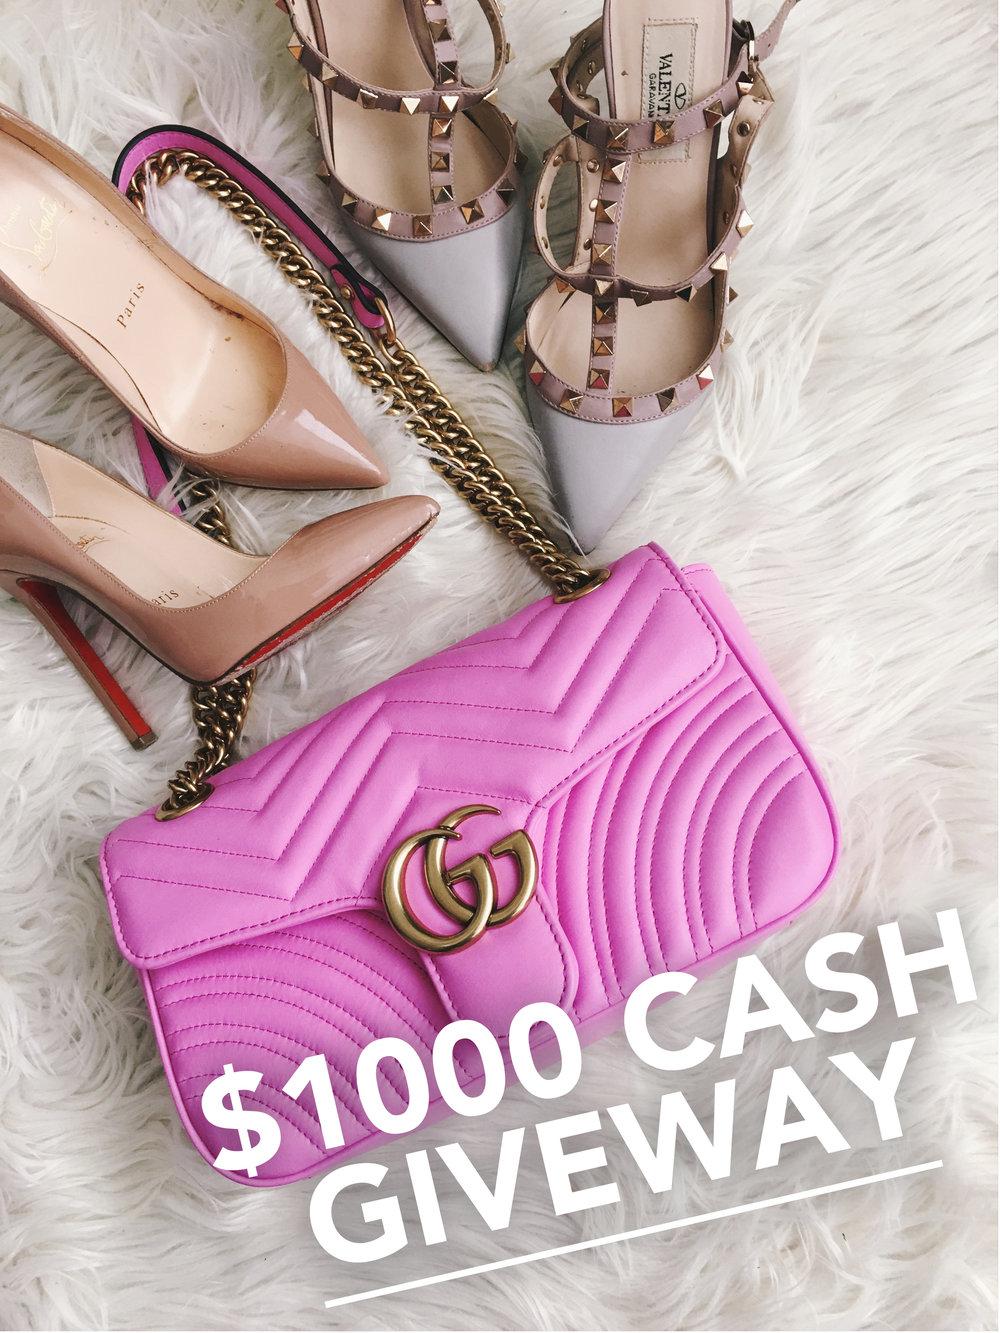 1k cash giveaway